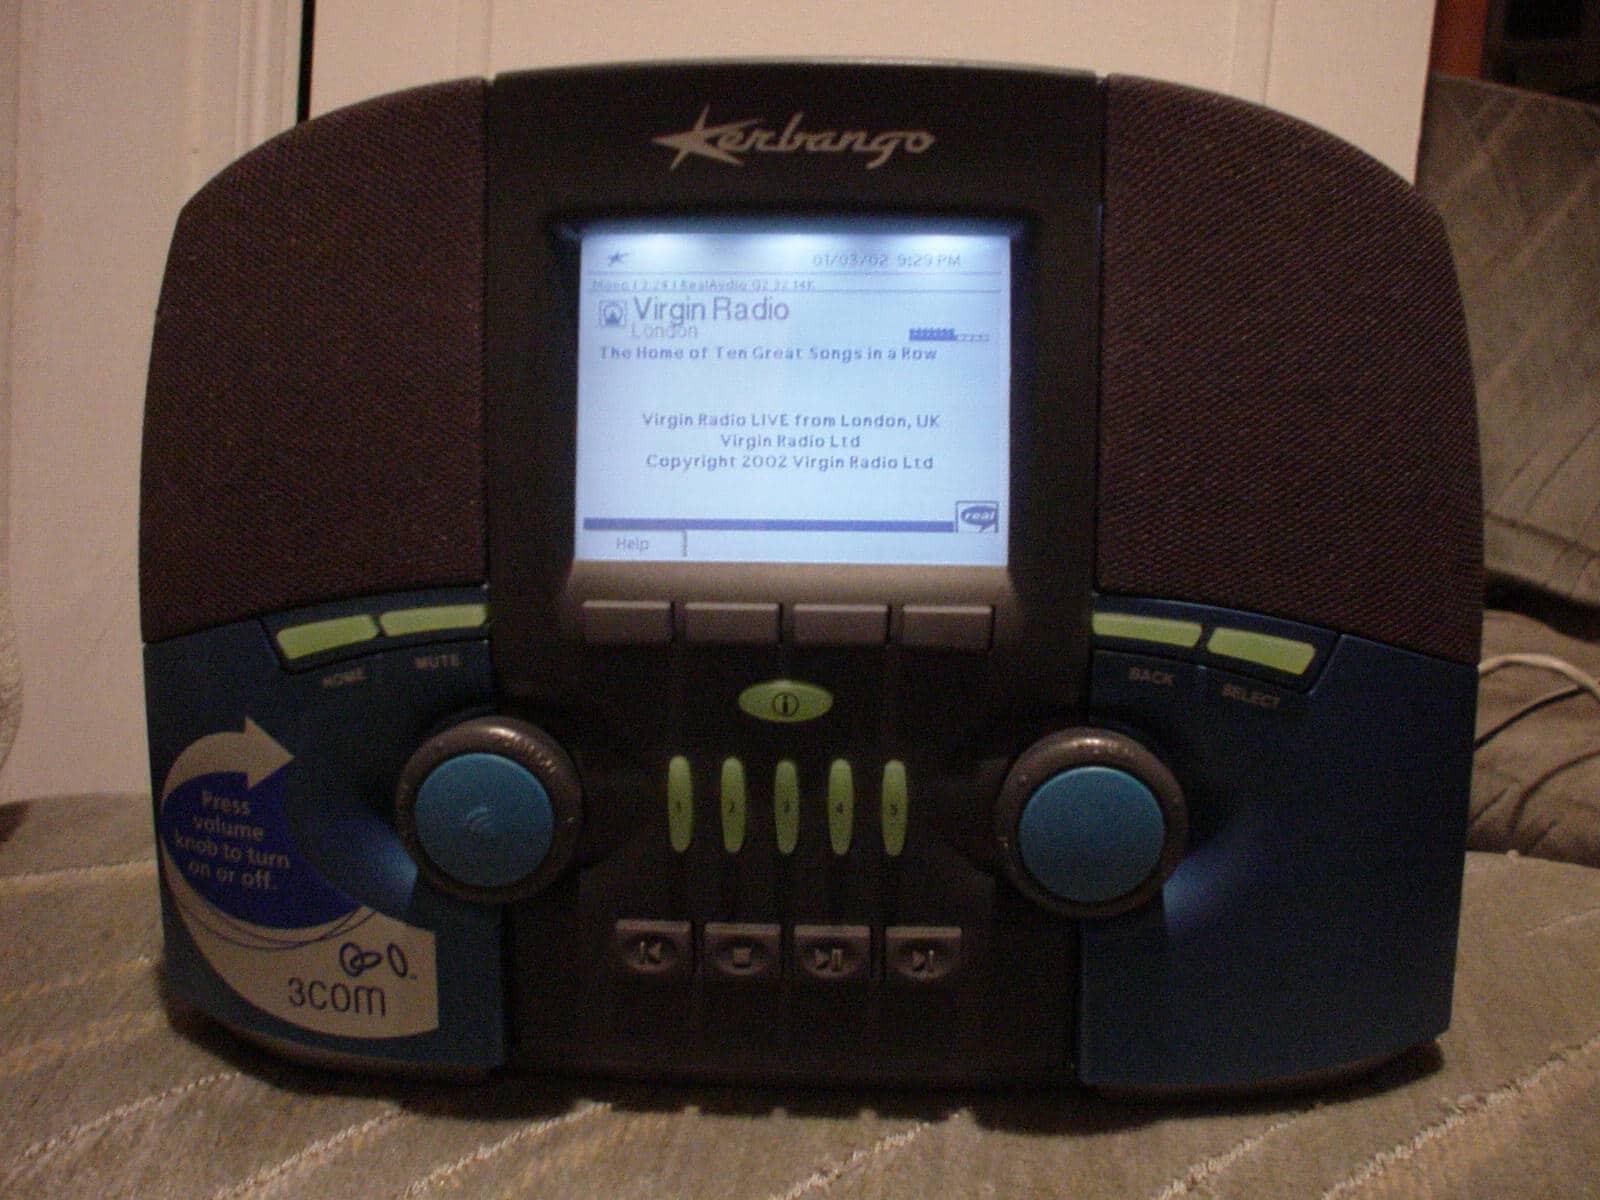 Kerbango, la prima radio internet, primi anni 2000. Foto in CC da Wikimedia Commons.